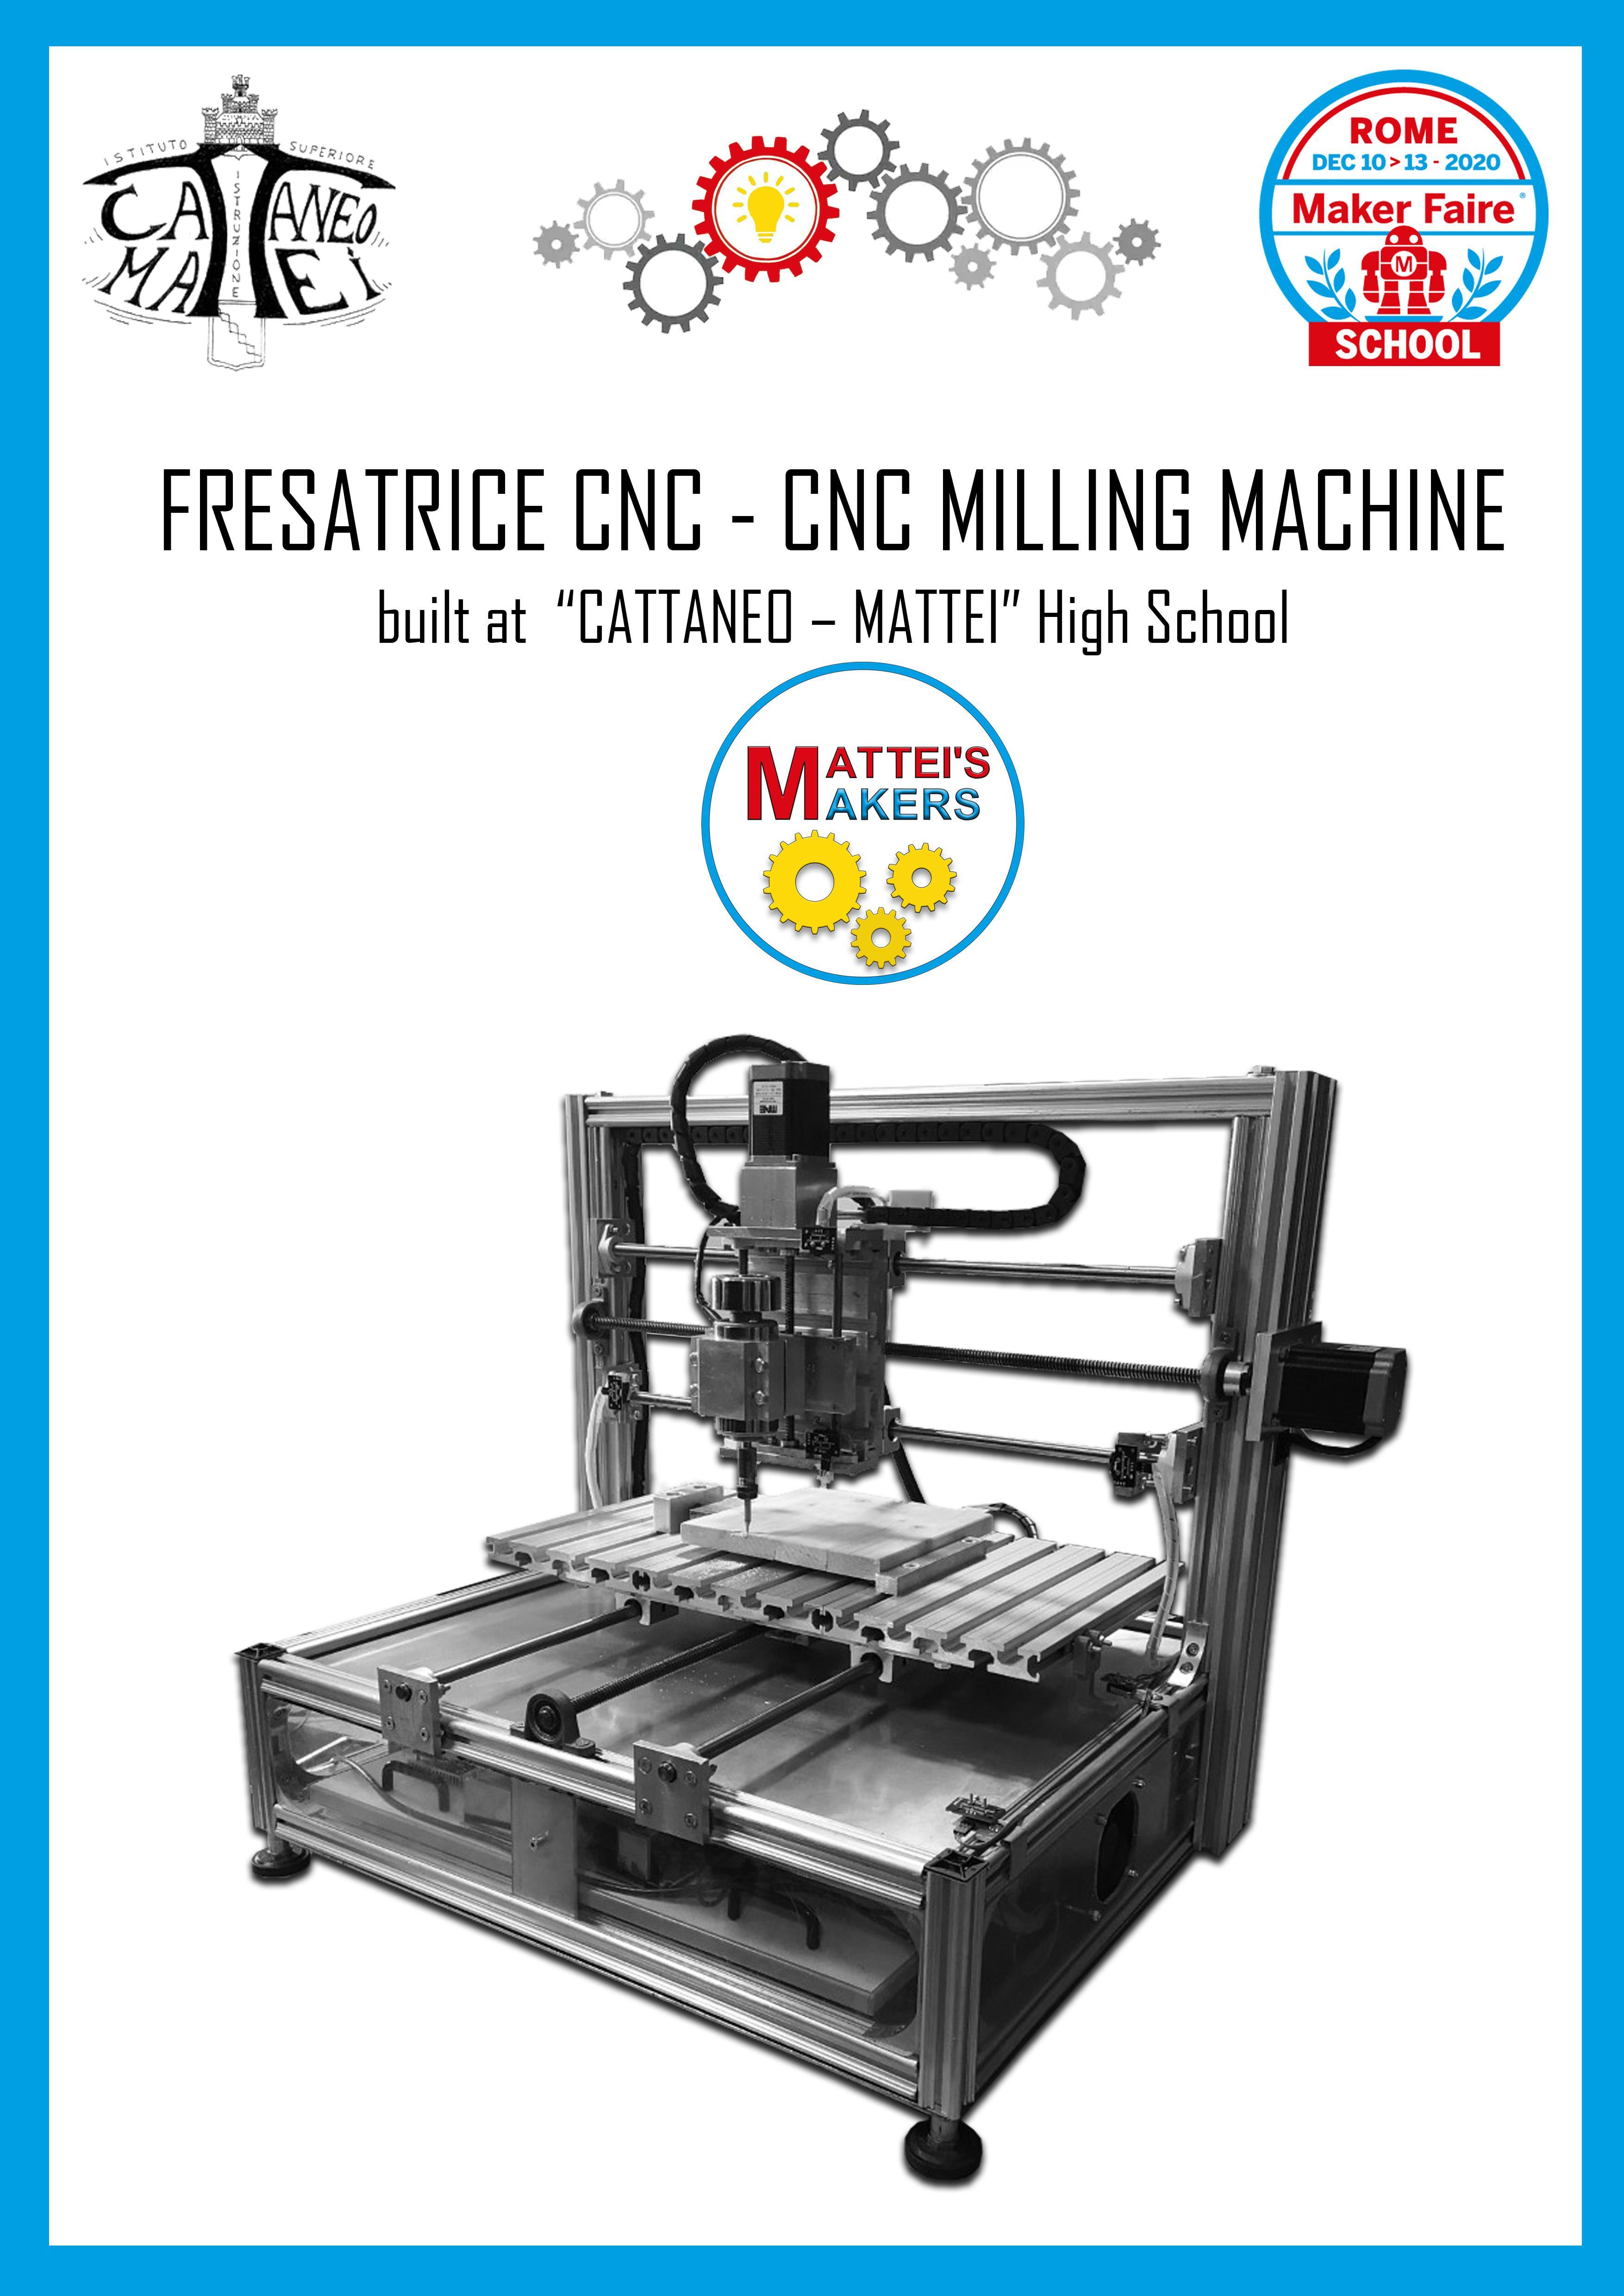 Fresatrice CNC costruita interamente a scuola dall'indirizzo tecnico di Meccanica Meccatronica istituto Mattei di Conselve (Padova)